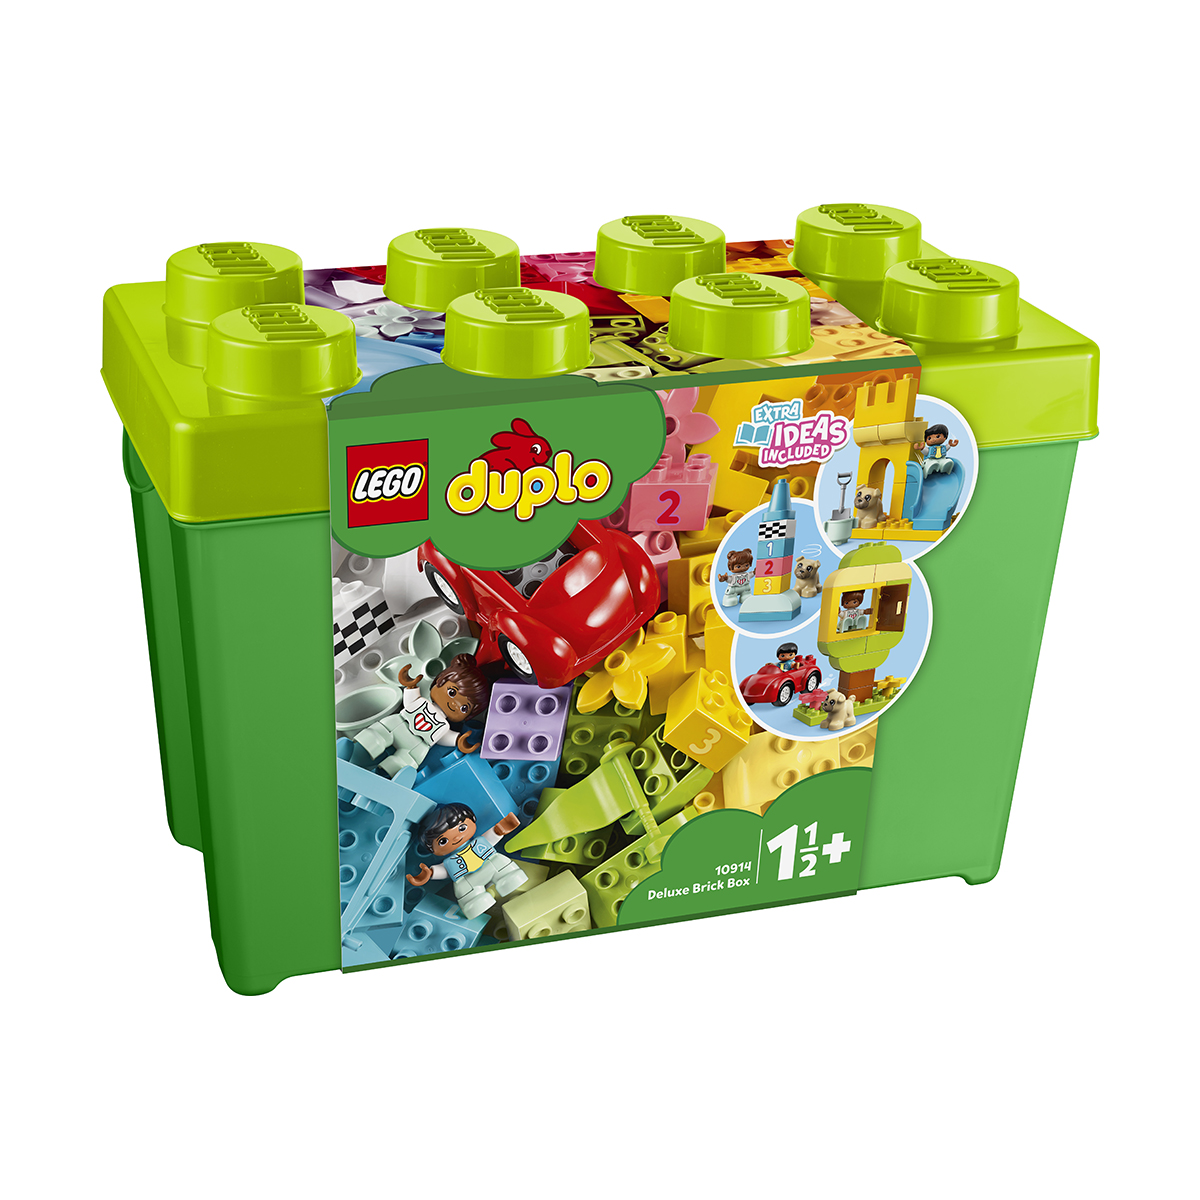 LEGO® DUPLO® - Cutie deluxe in forma de caramida (10914)